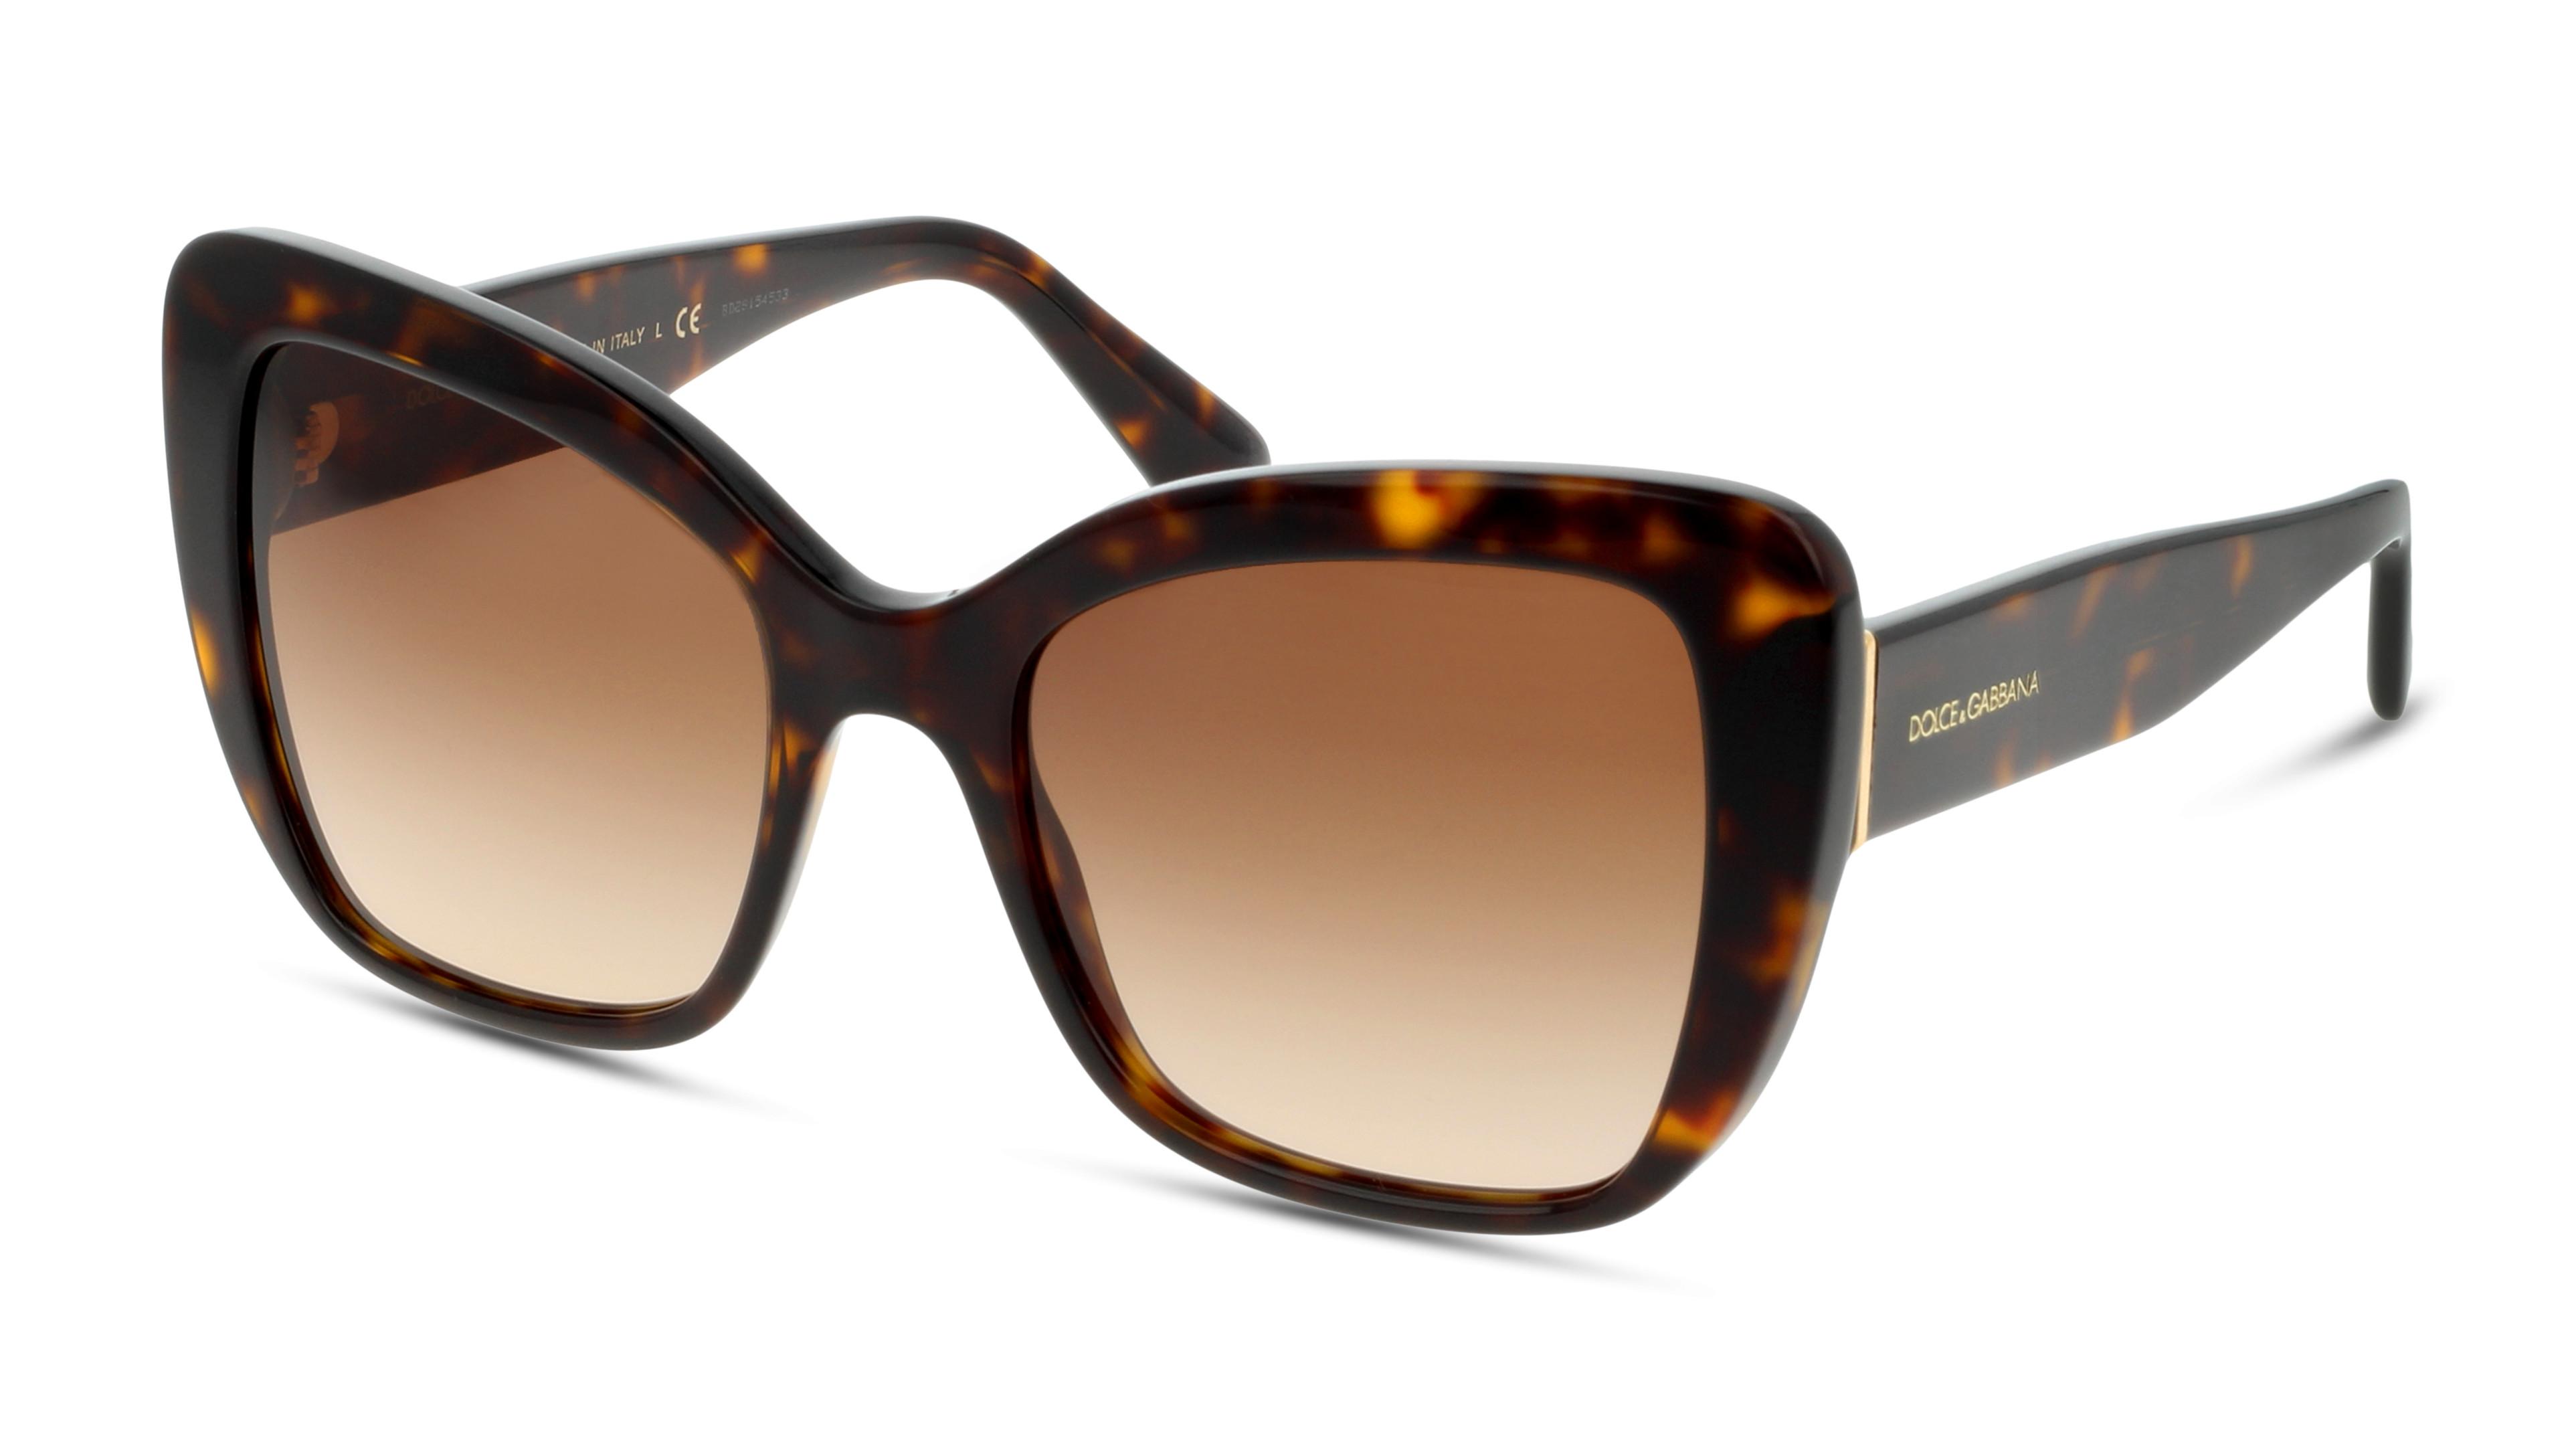 8053672957907-angle-03-dolce-and-gabbana-dg4348-Eyewear-havana